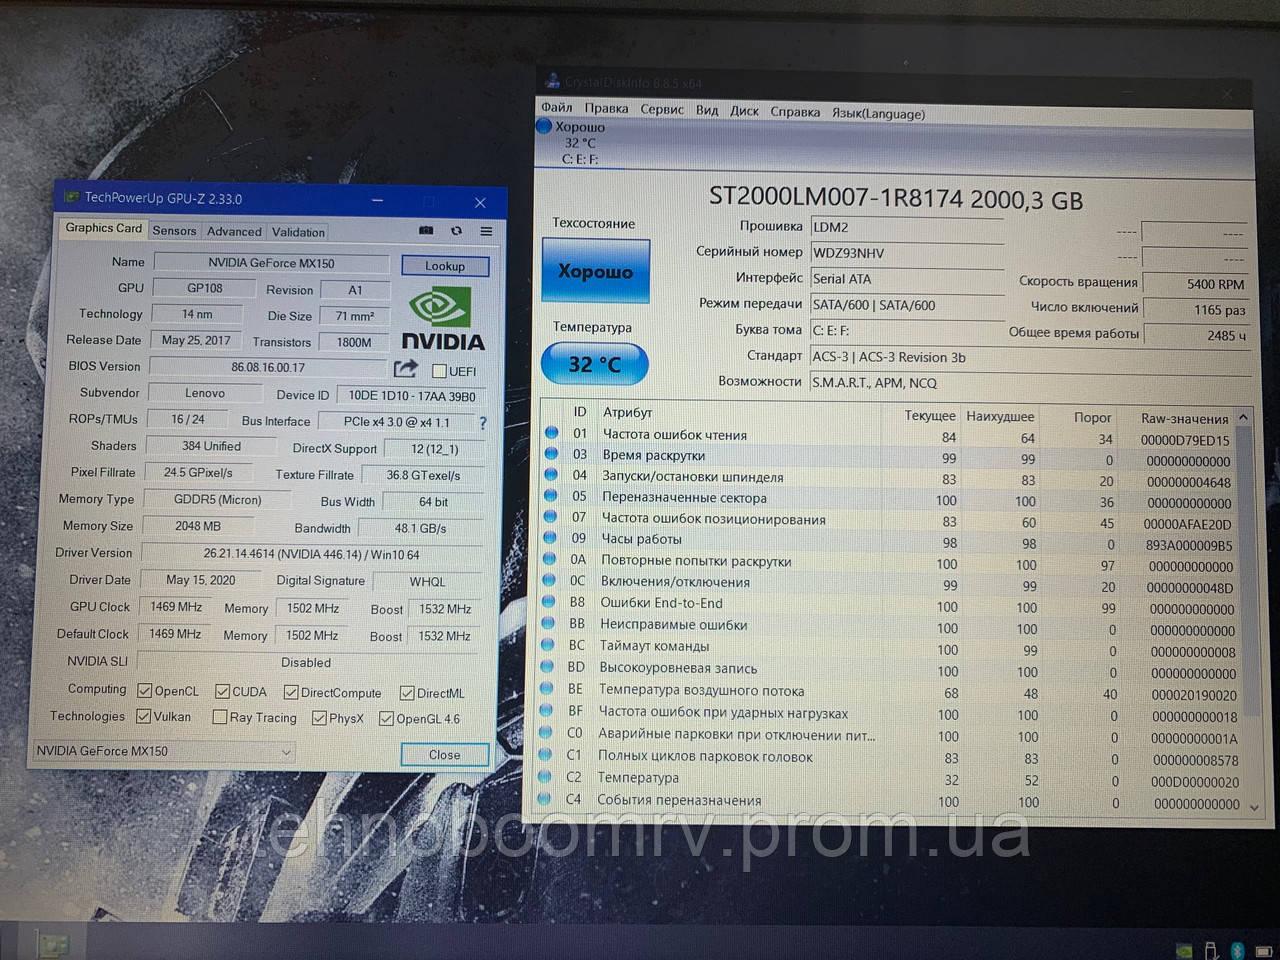 Игровой Lenovo/15.6 FHD/Intel i5-8250U 3.4GHz/DDR4 8GB/Карта MX150 2GBНет в наличии 5